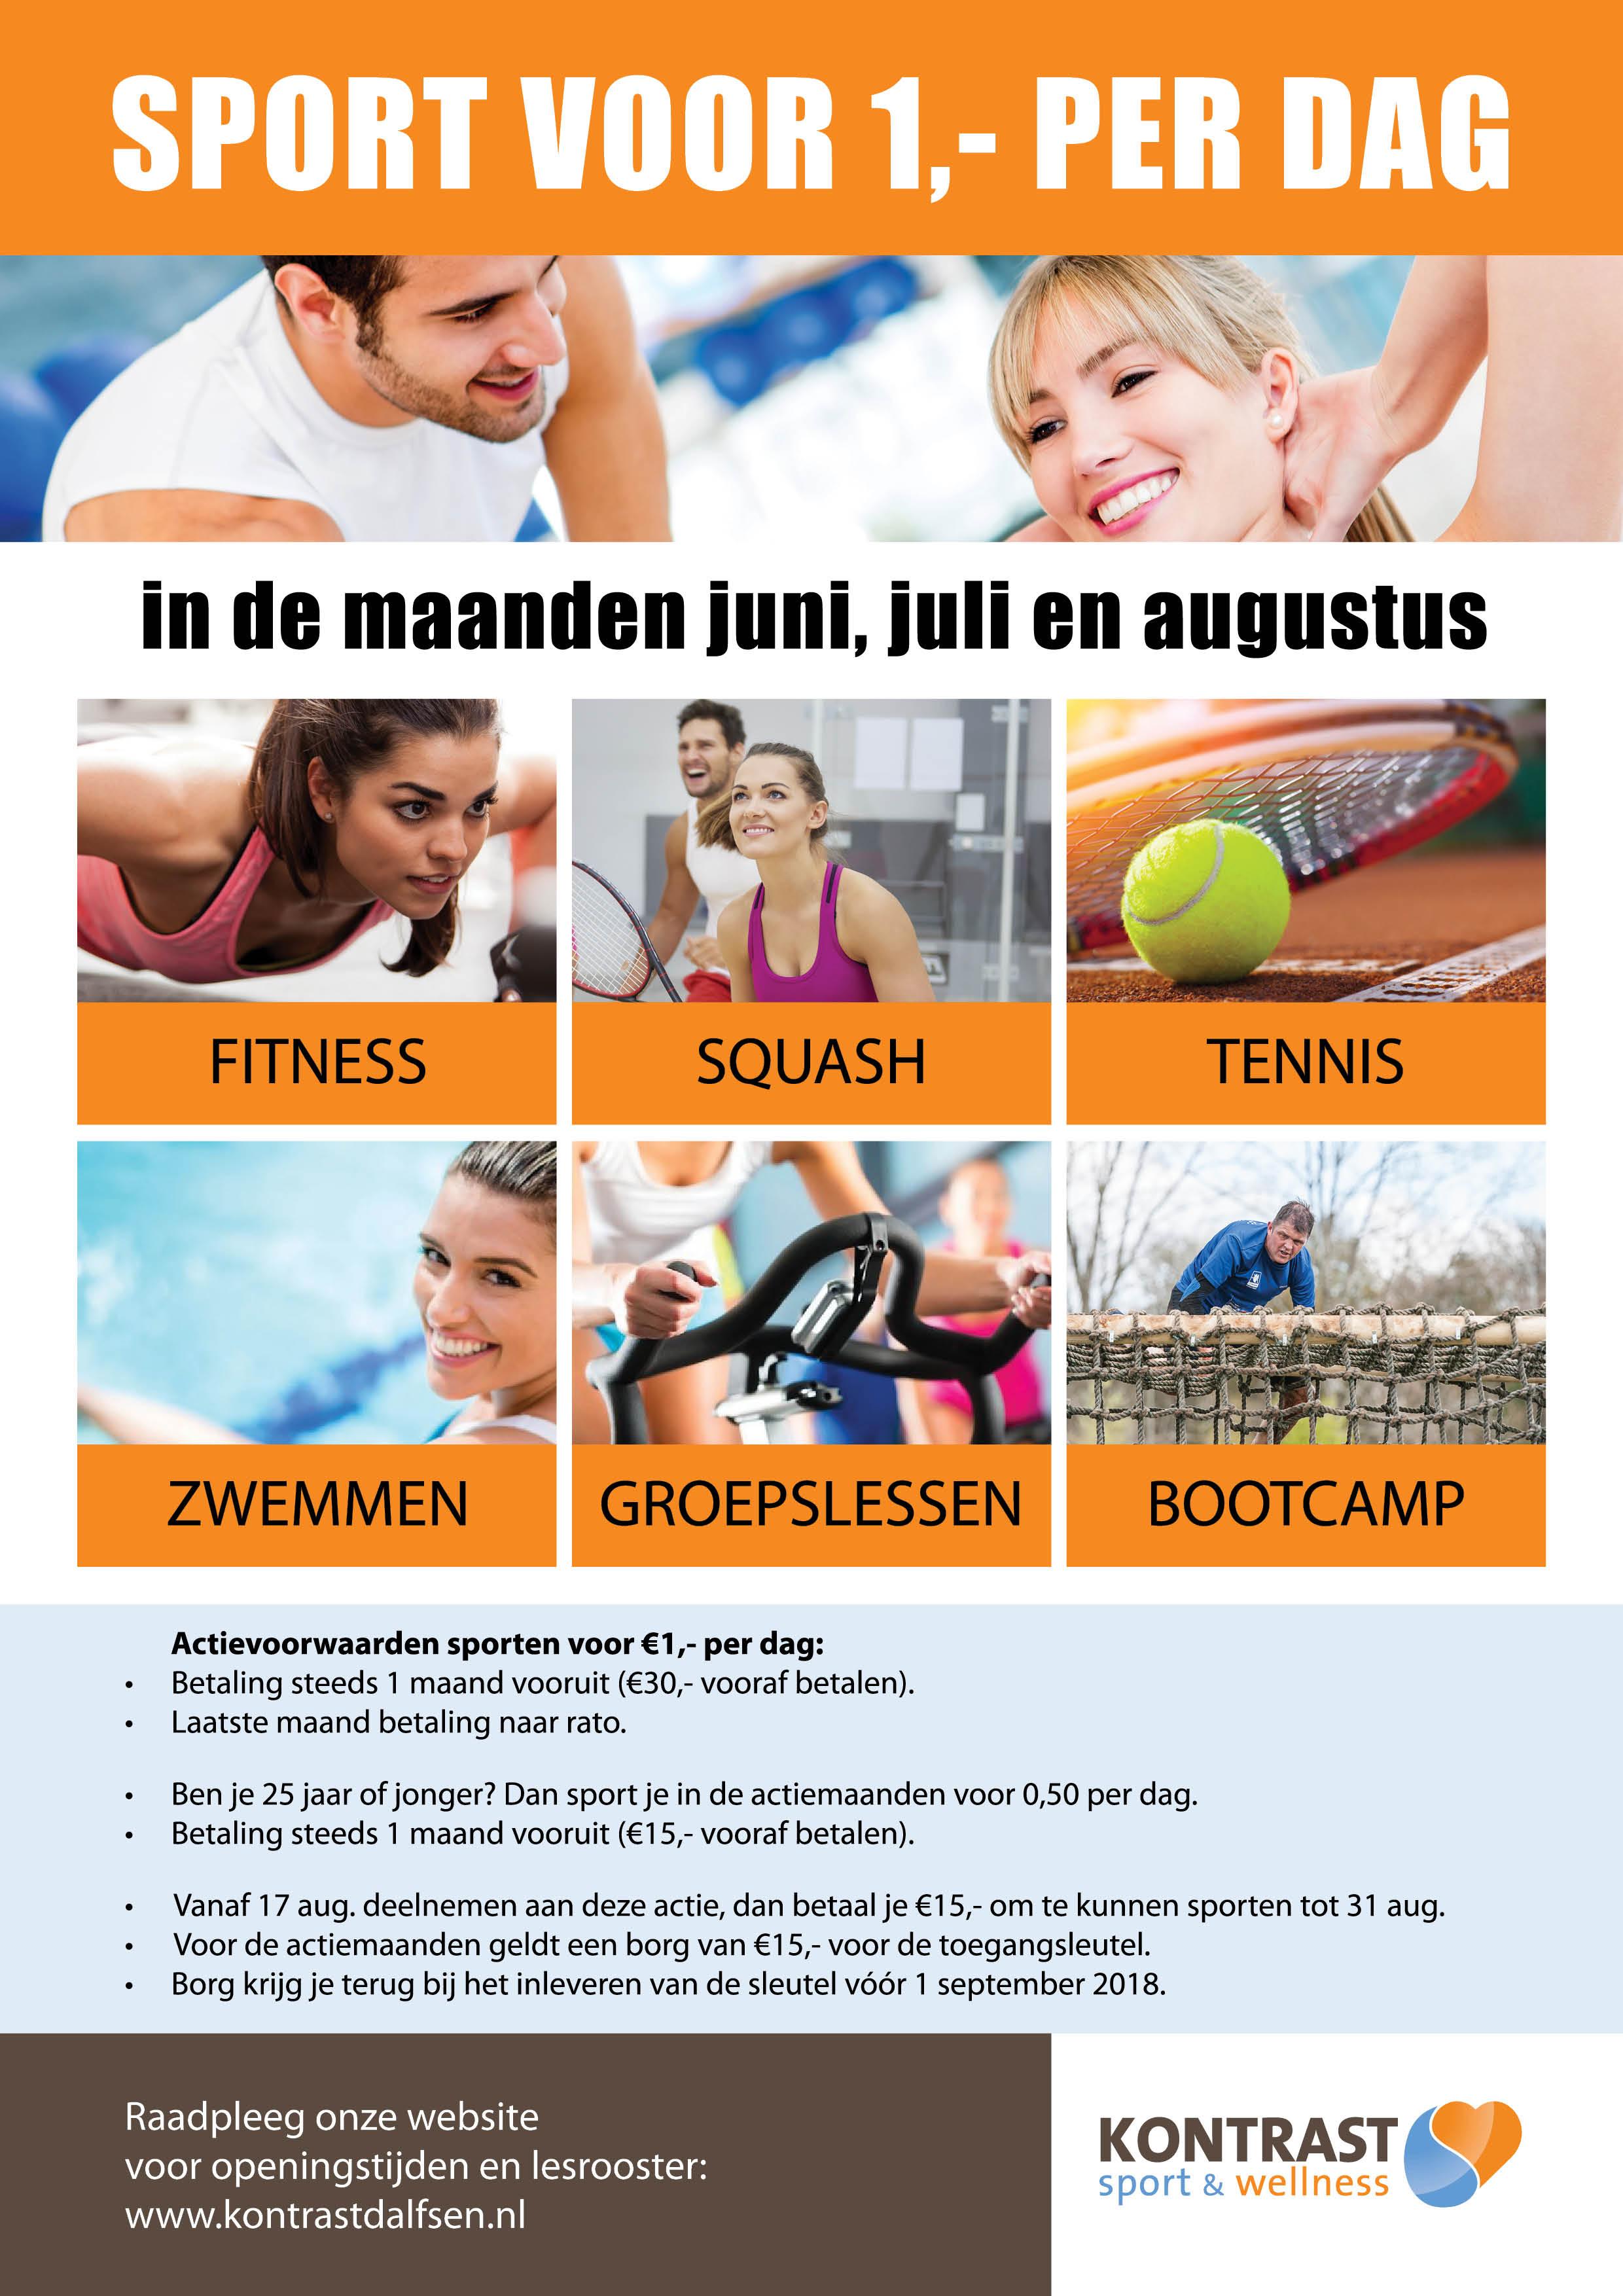 180522 sporten voor 1 euro per dag2